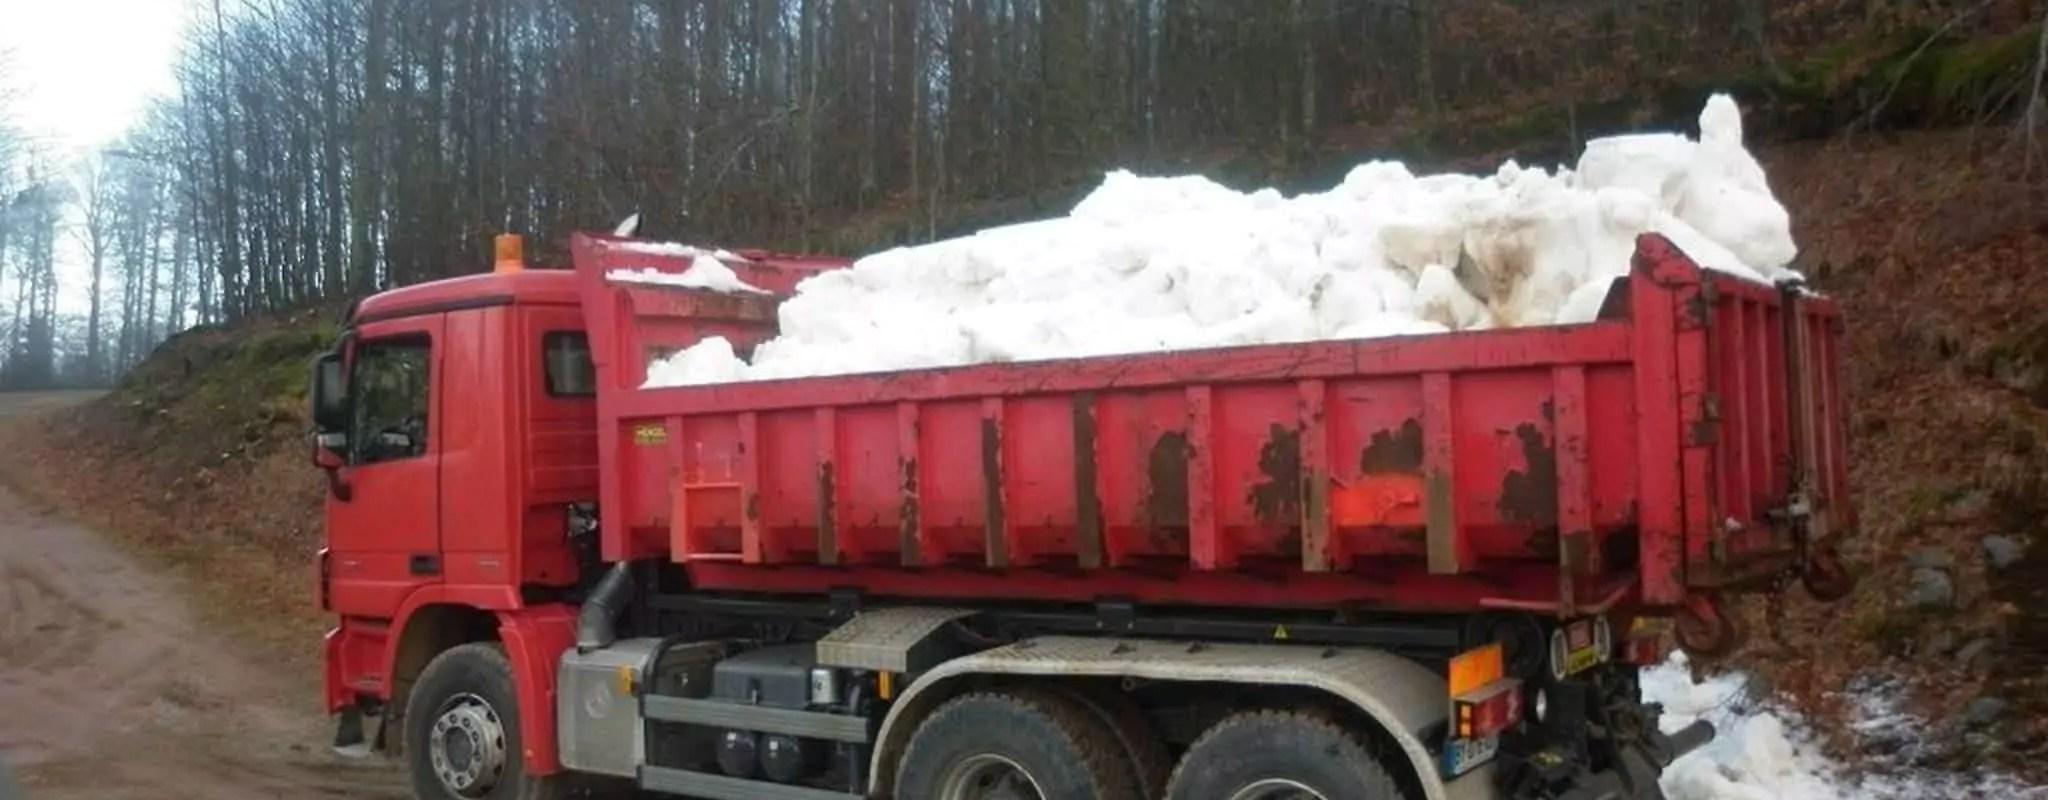 À Gérardmer, une station de ski a bien fait transporter sa neige par camions